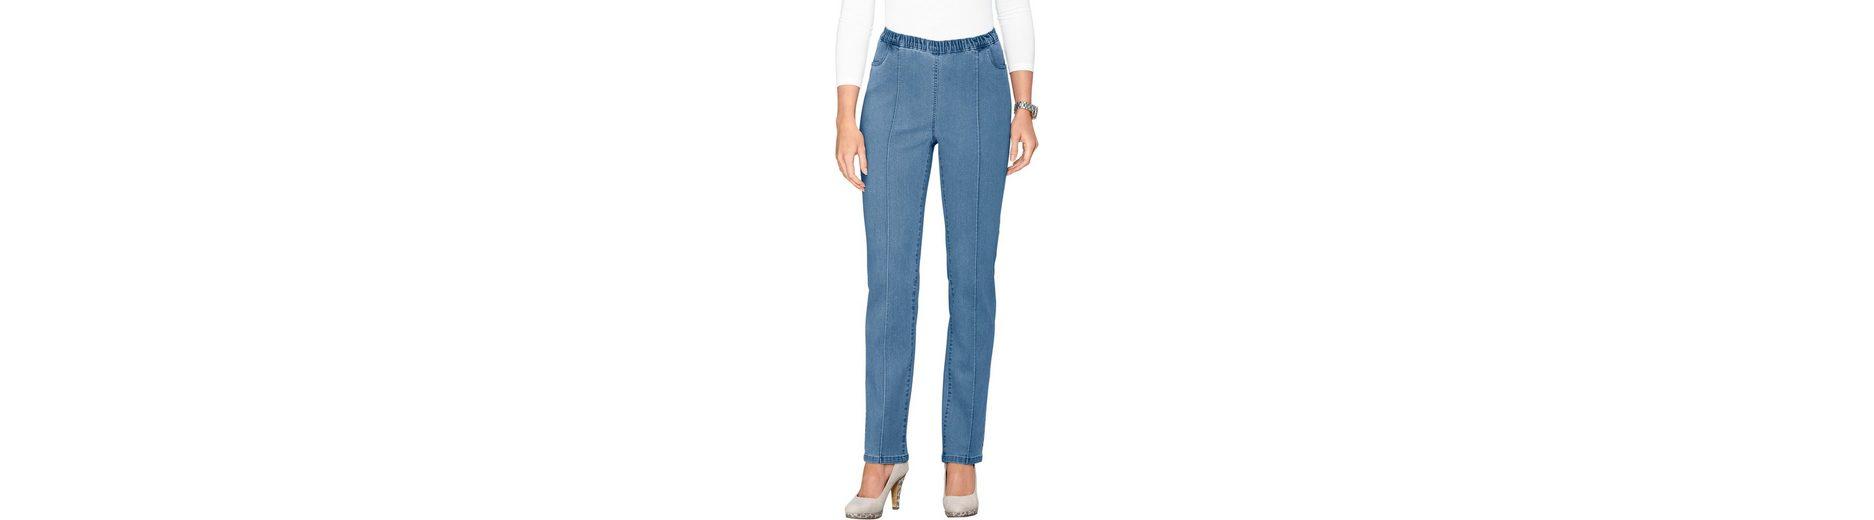 Günstigste Online-Verkauf Verkauf Am Besten Classic Basics Jeans mit abgesteppte Biesen im Vorderteil xSDKWOp6x